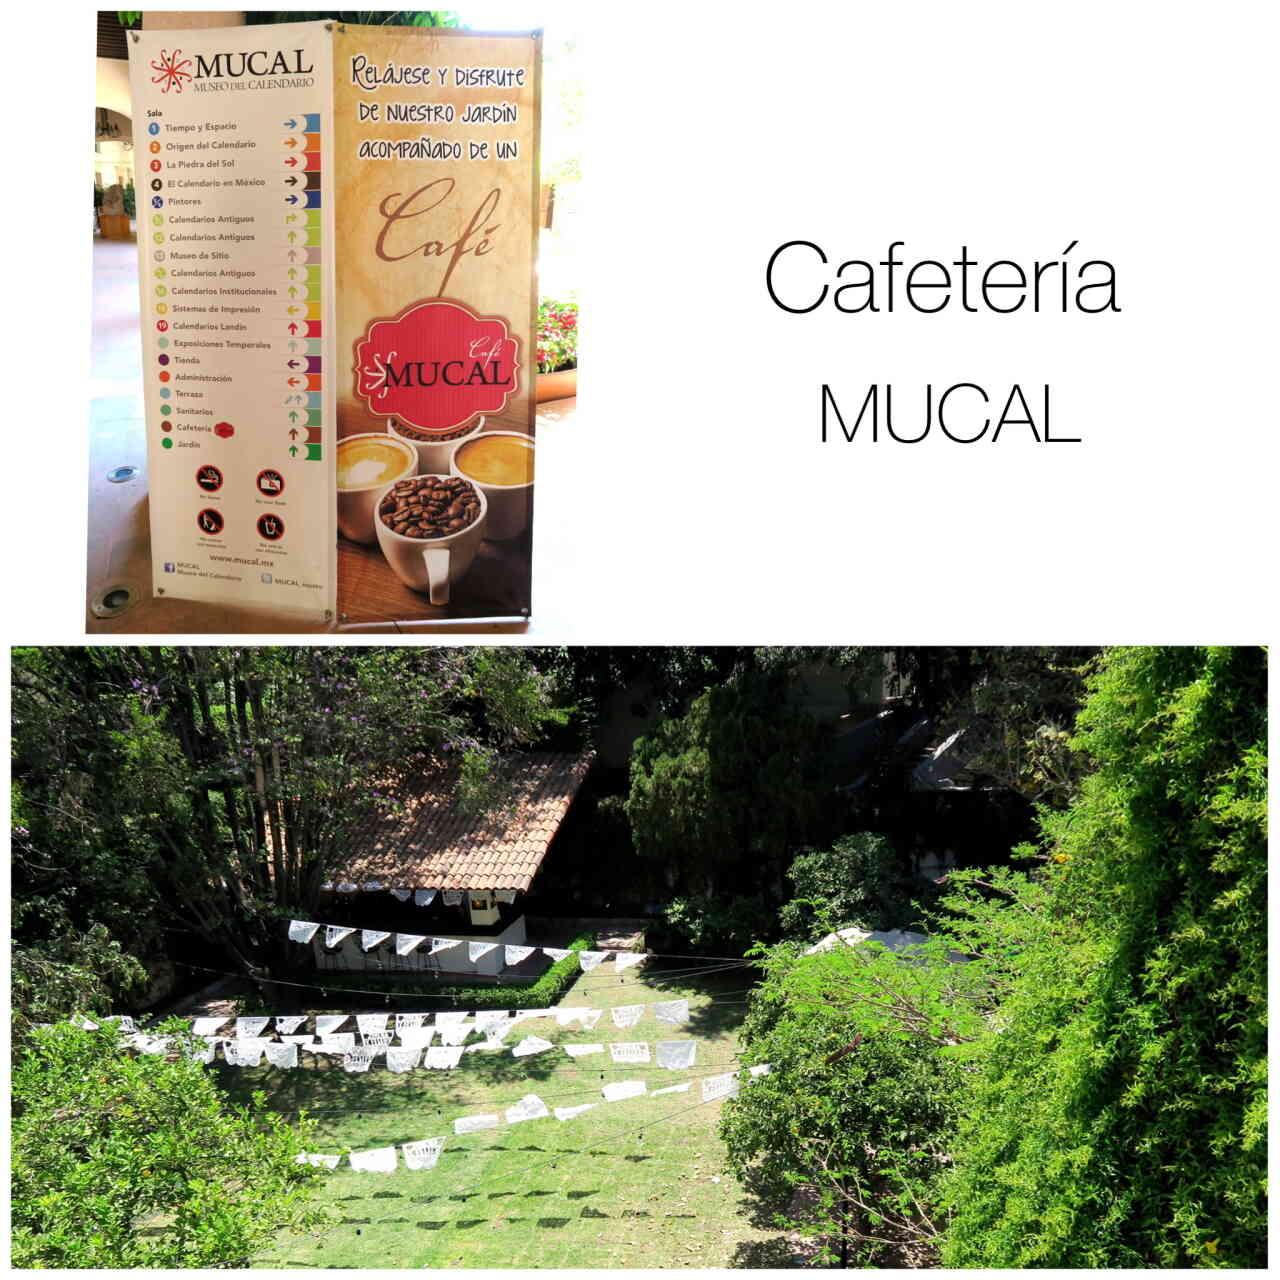 ケレタロ・カレンダー博物館